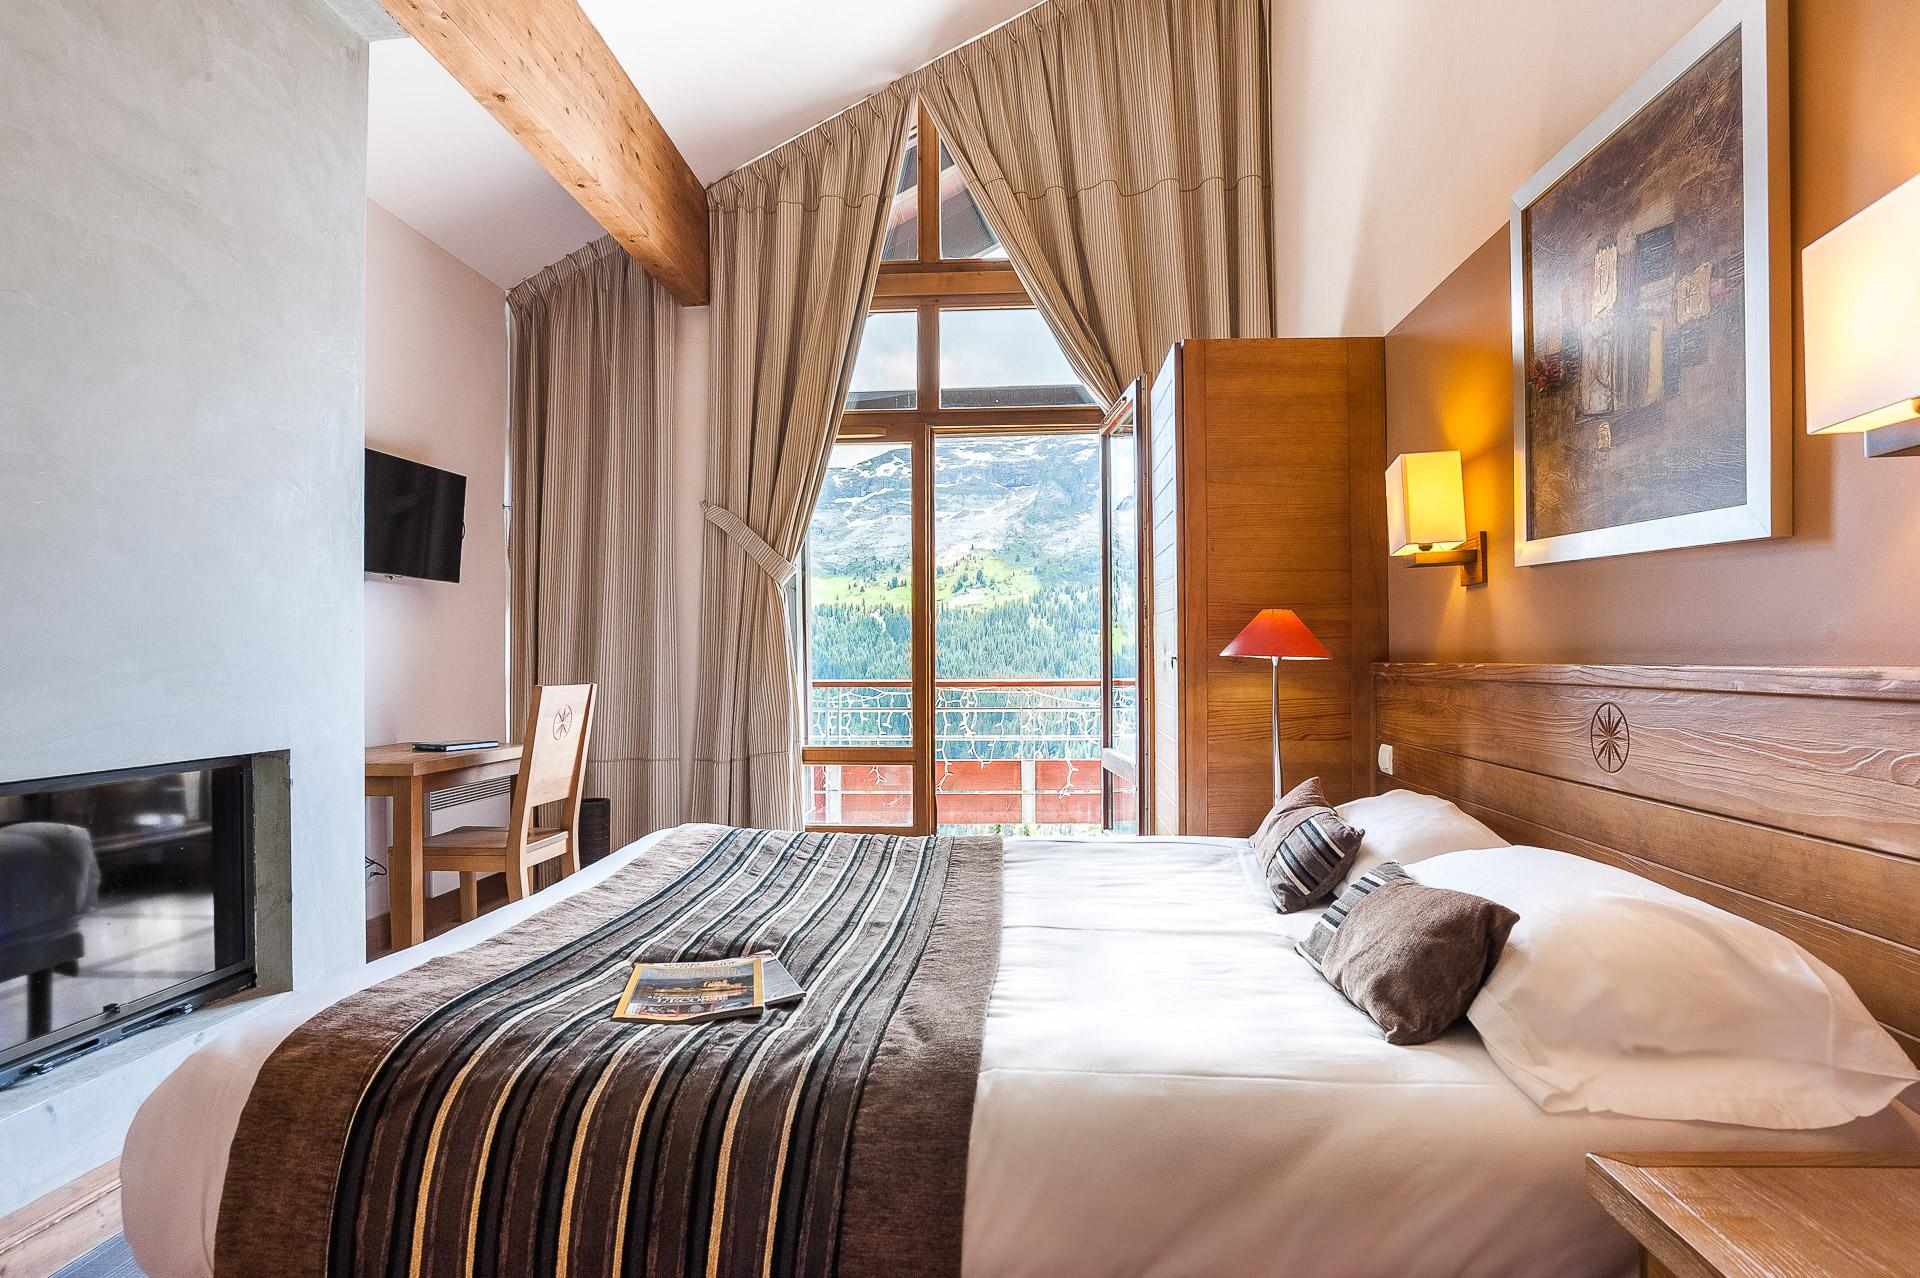 Photographie Par Un Photographe Professionnel Pour Le Tourisme En Haute Savoie : Chambre Avec Balcon